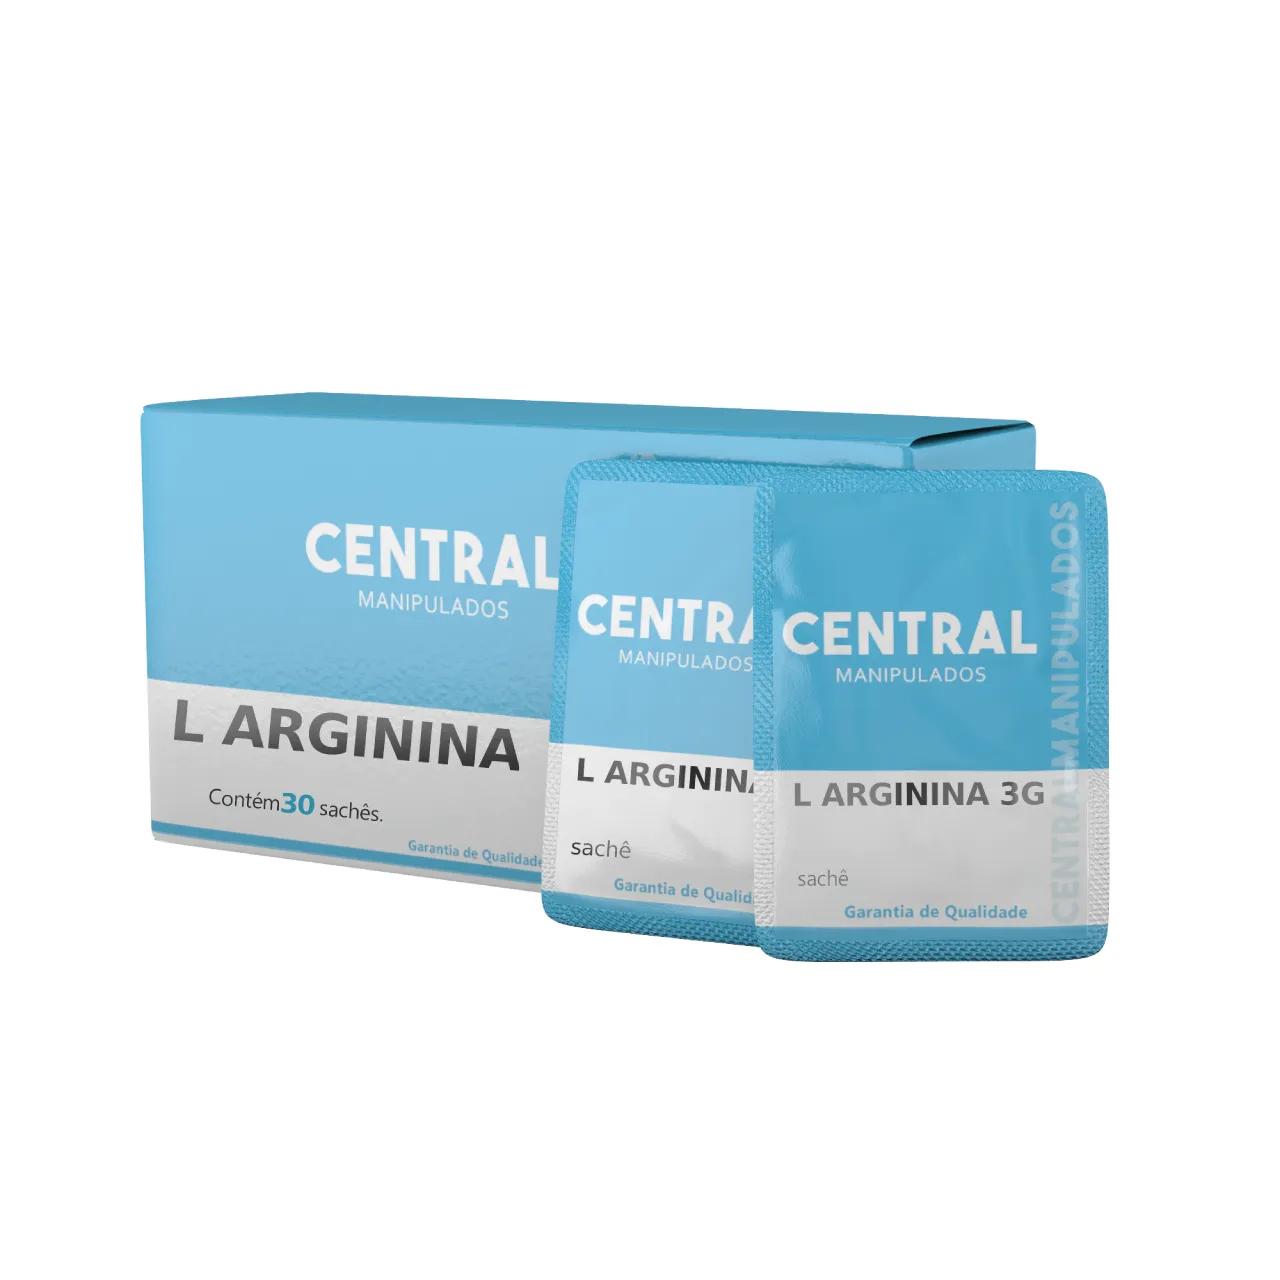 L-arginina - 30 sachês de 3g - Pré Treino - Ganho de massa muscular, Limita o Armazenamento de Gordura, Saúde Cardiovascular, Vasodilatador